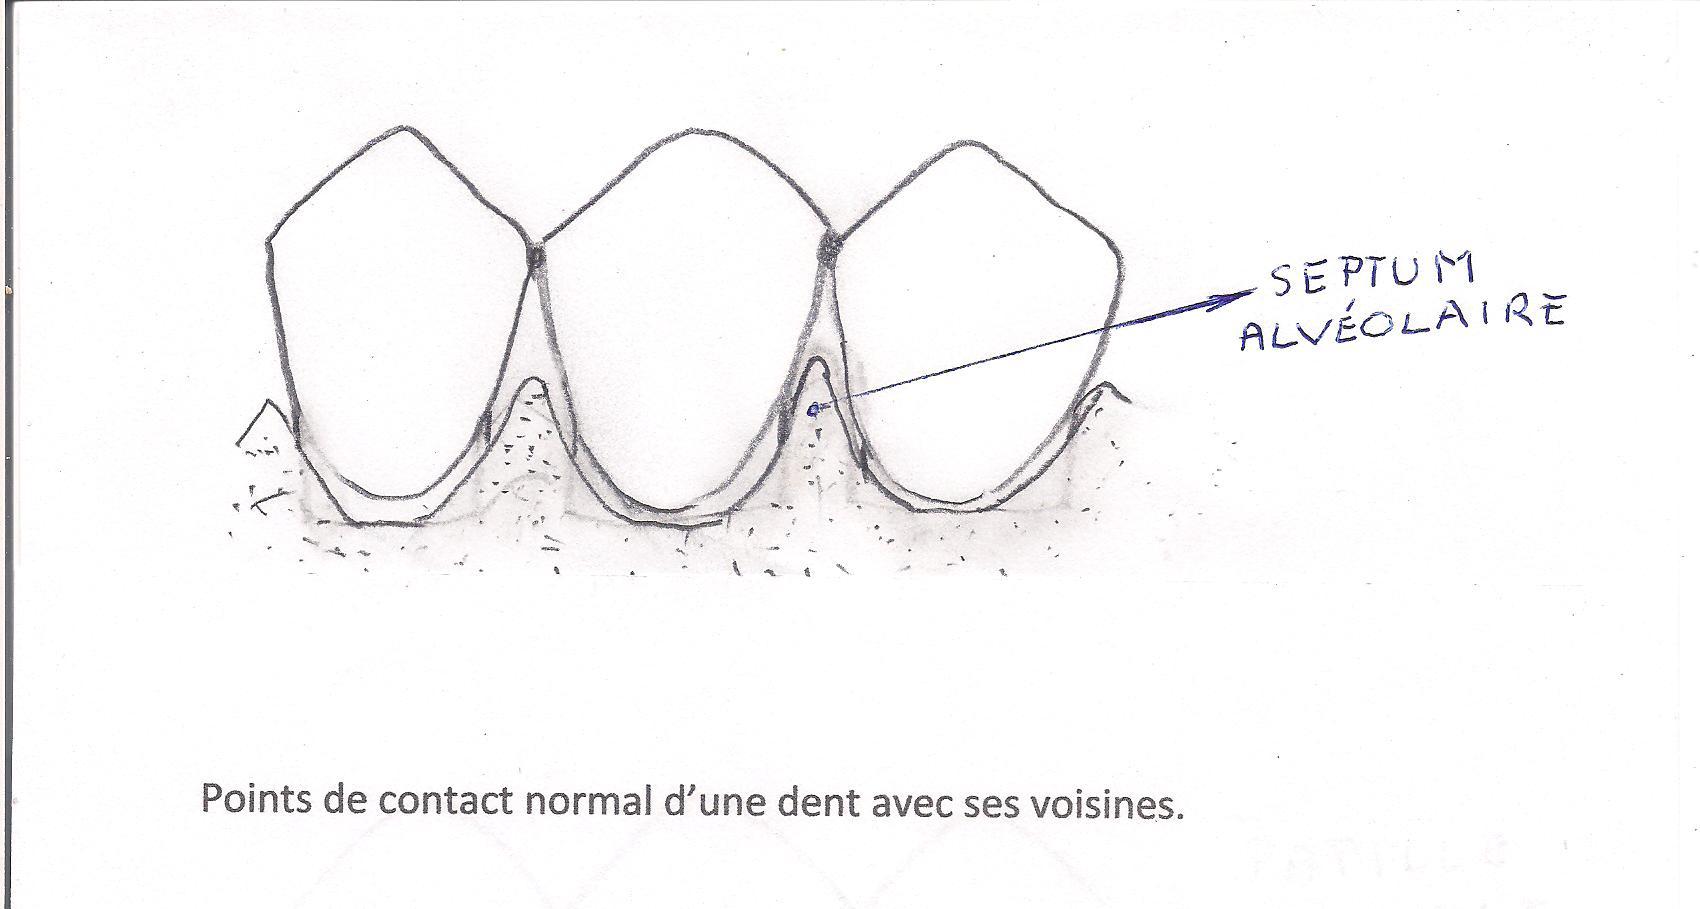 Point de contact et septum alvéolaire.